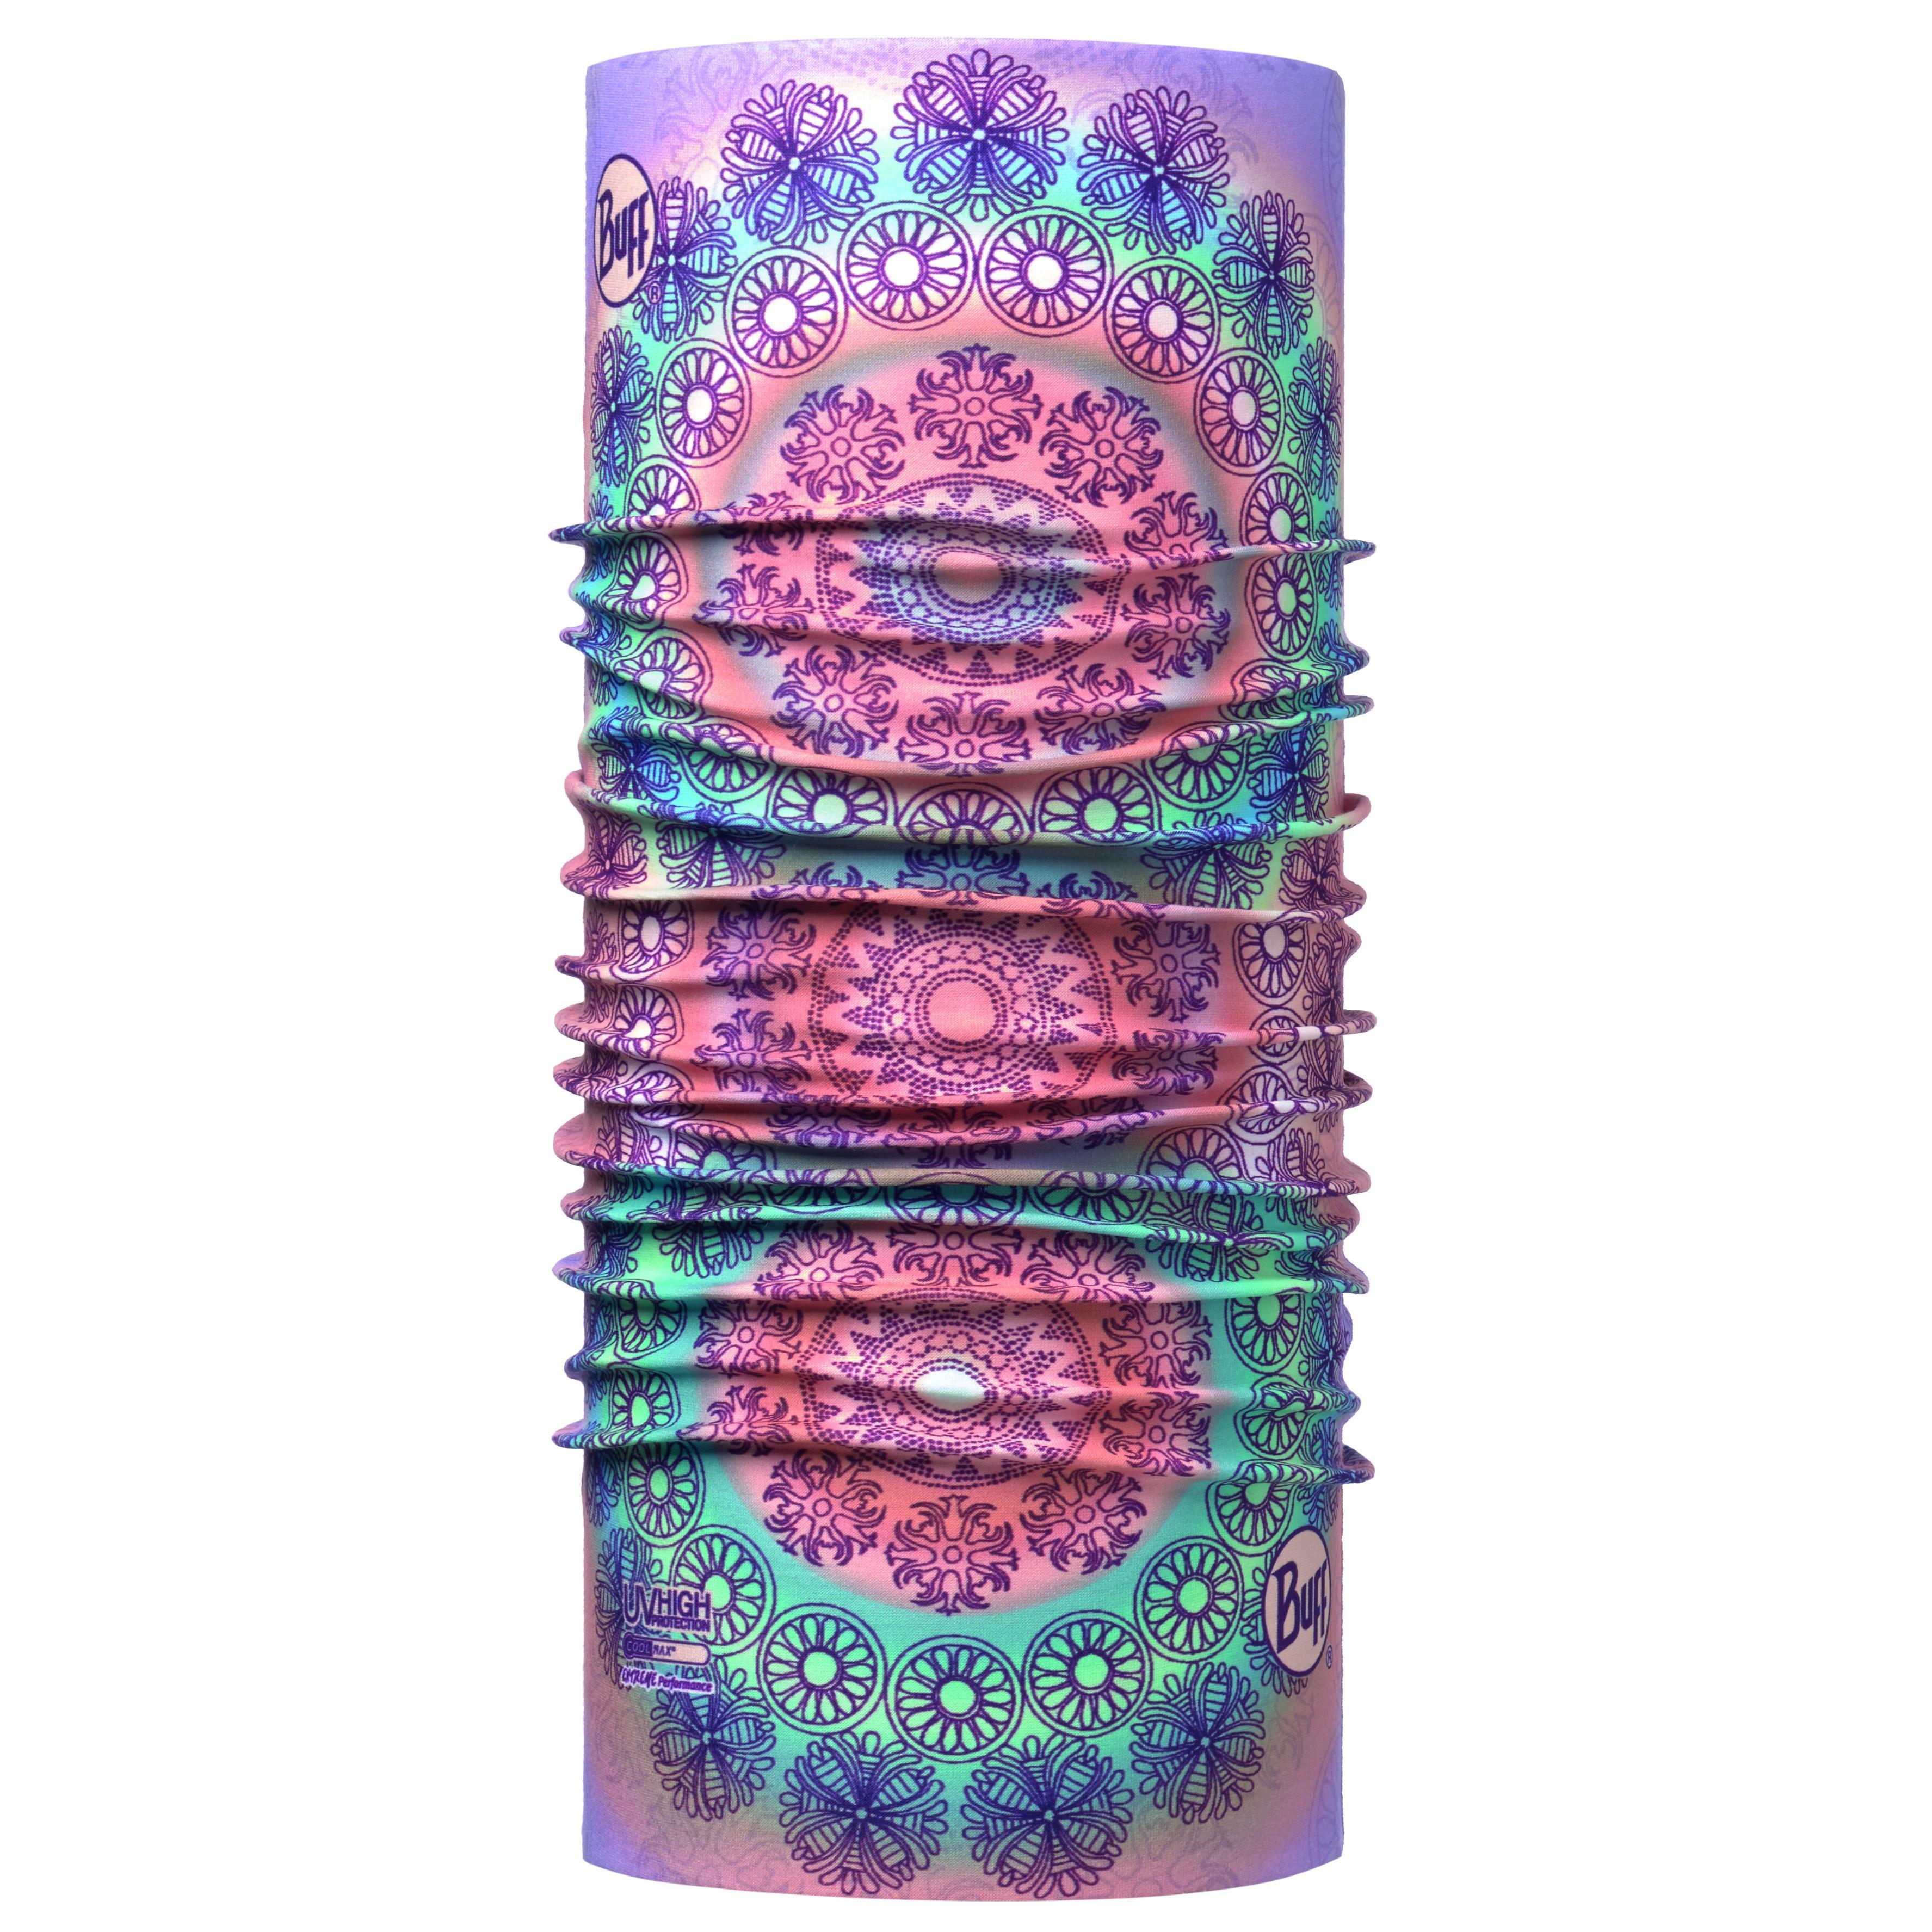 Купить Бандана BUFF UV PROTECTION SHANTRA VIOLET Банданы и шарфы Buff ® 1312824